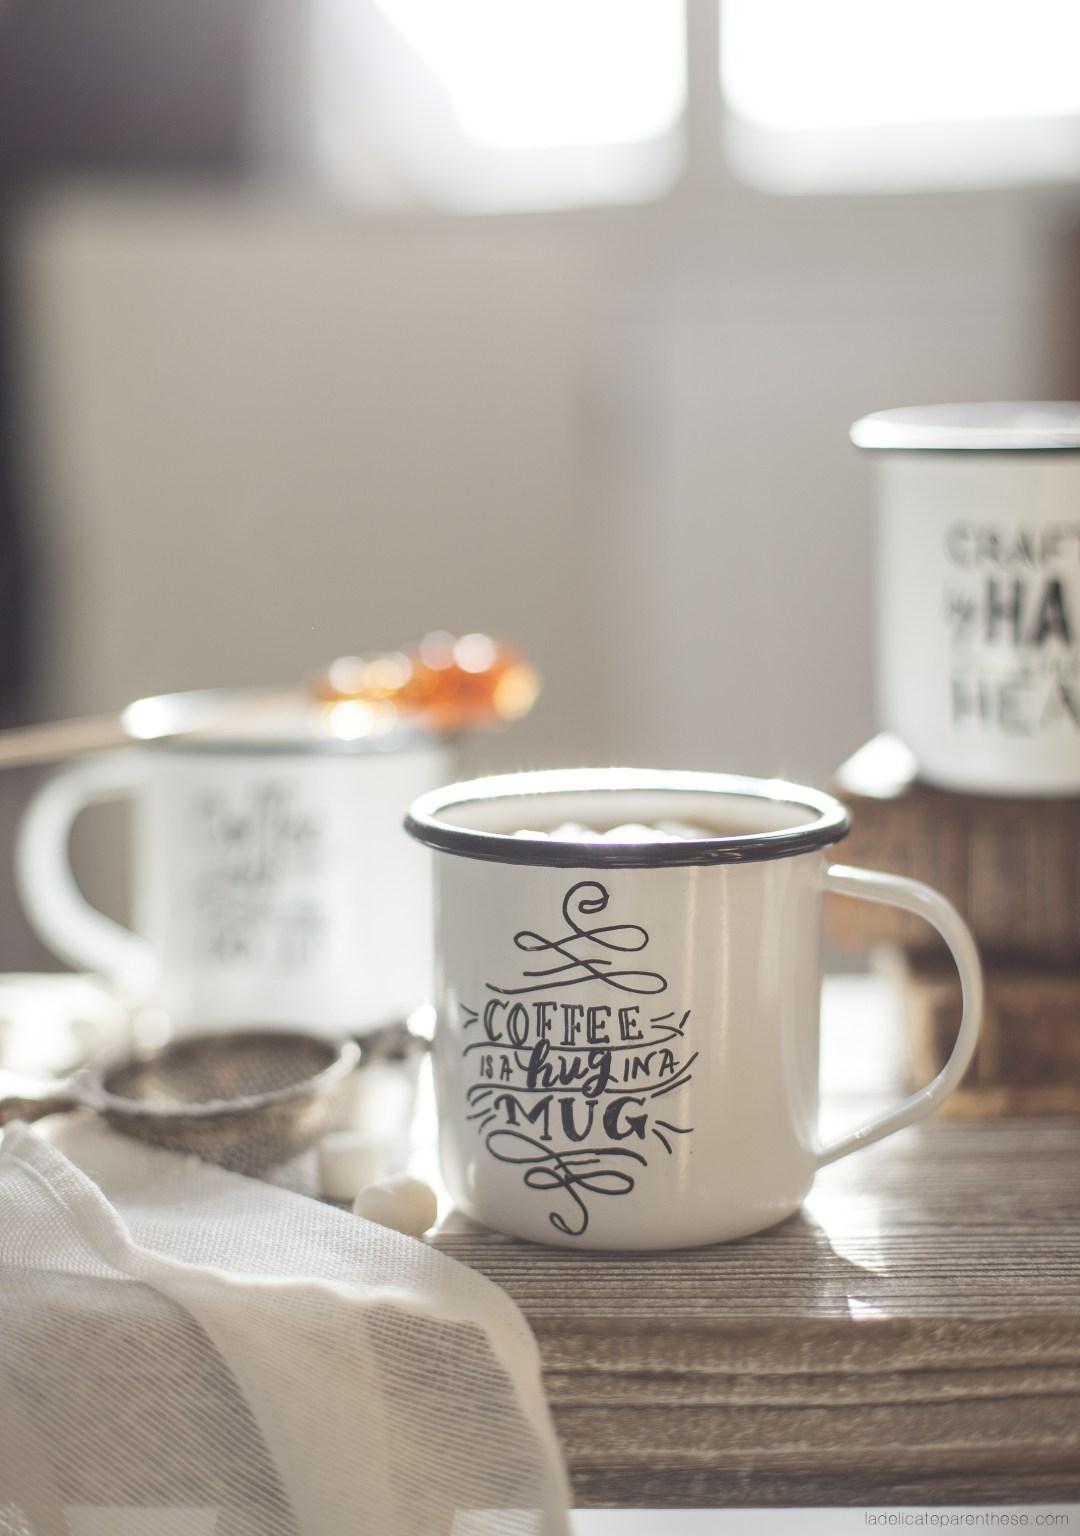 création de mug personnalisés pour l'hiver dans un esprit de Noel